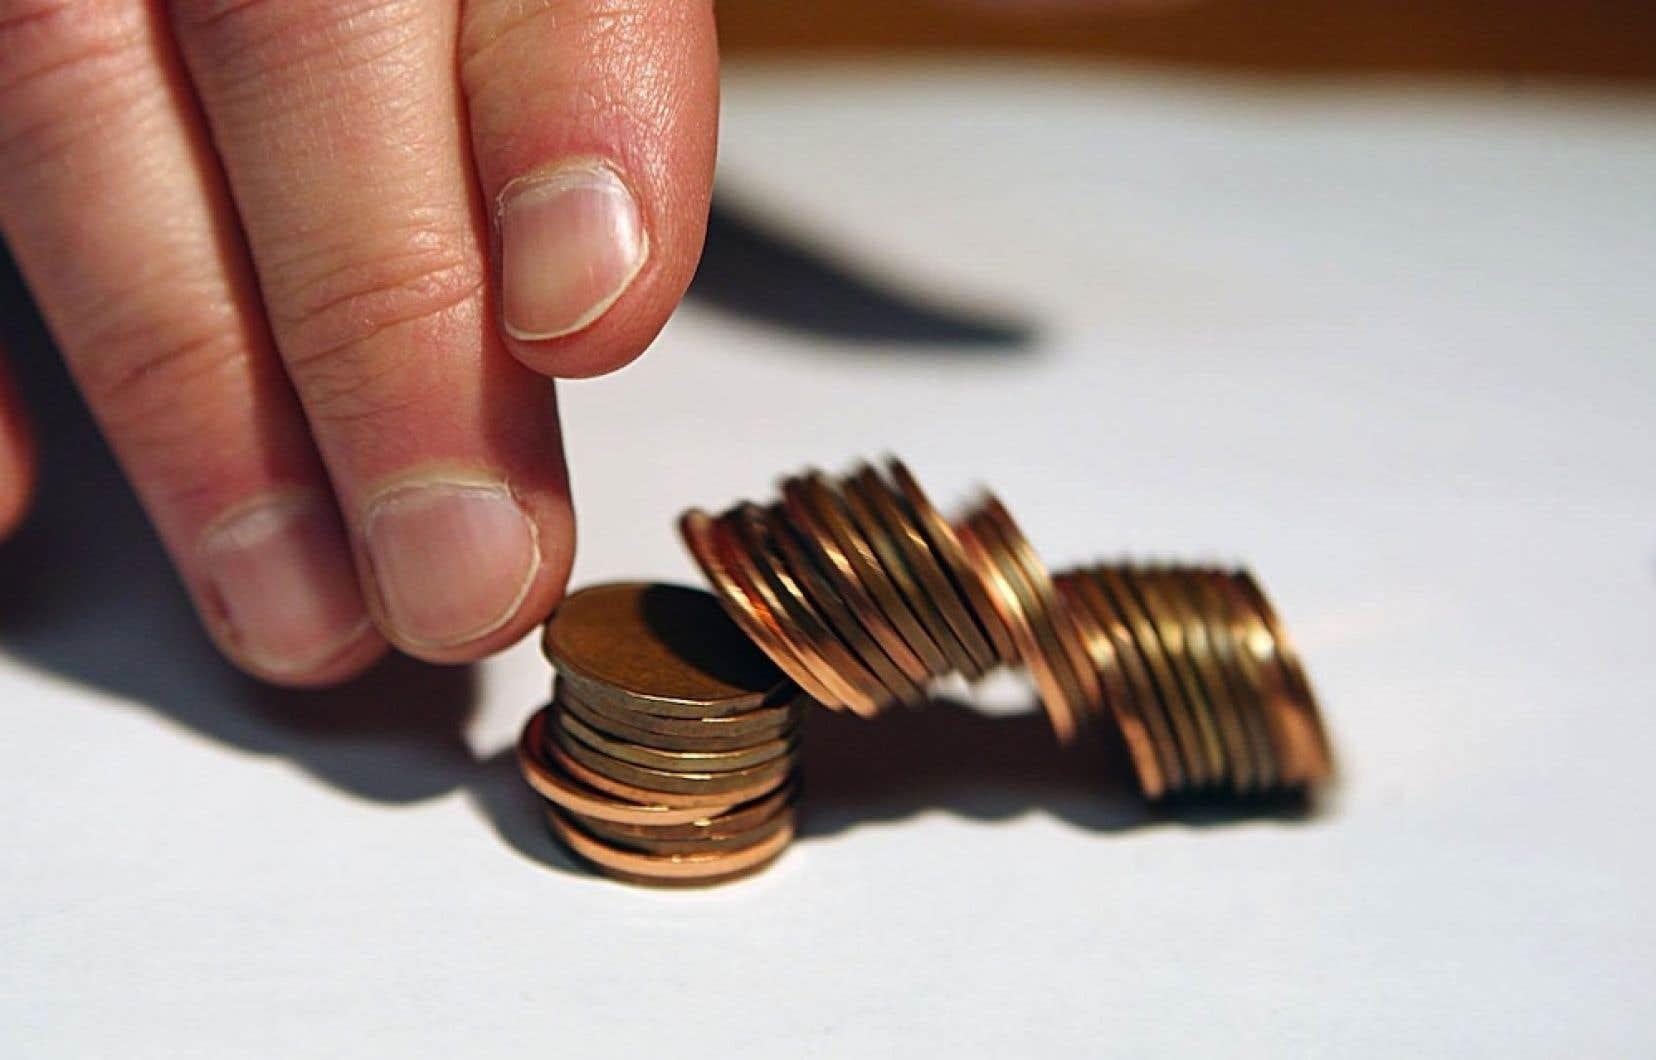 La Monnaie royale canadienne commencera à rassembler les pièces d'un cent le 4 février pour les fondre et les recycler.